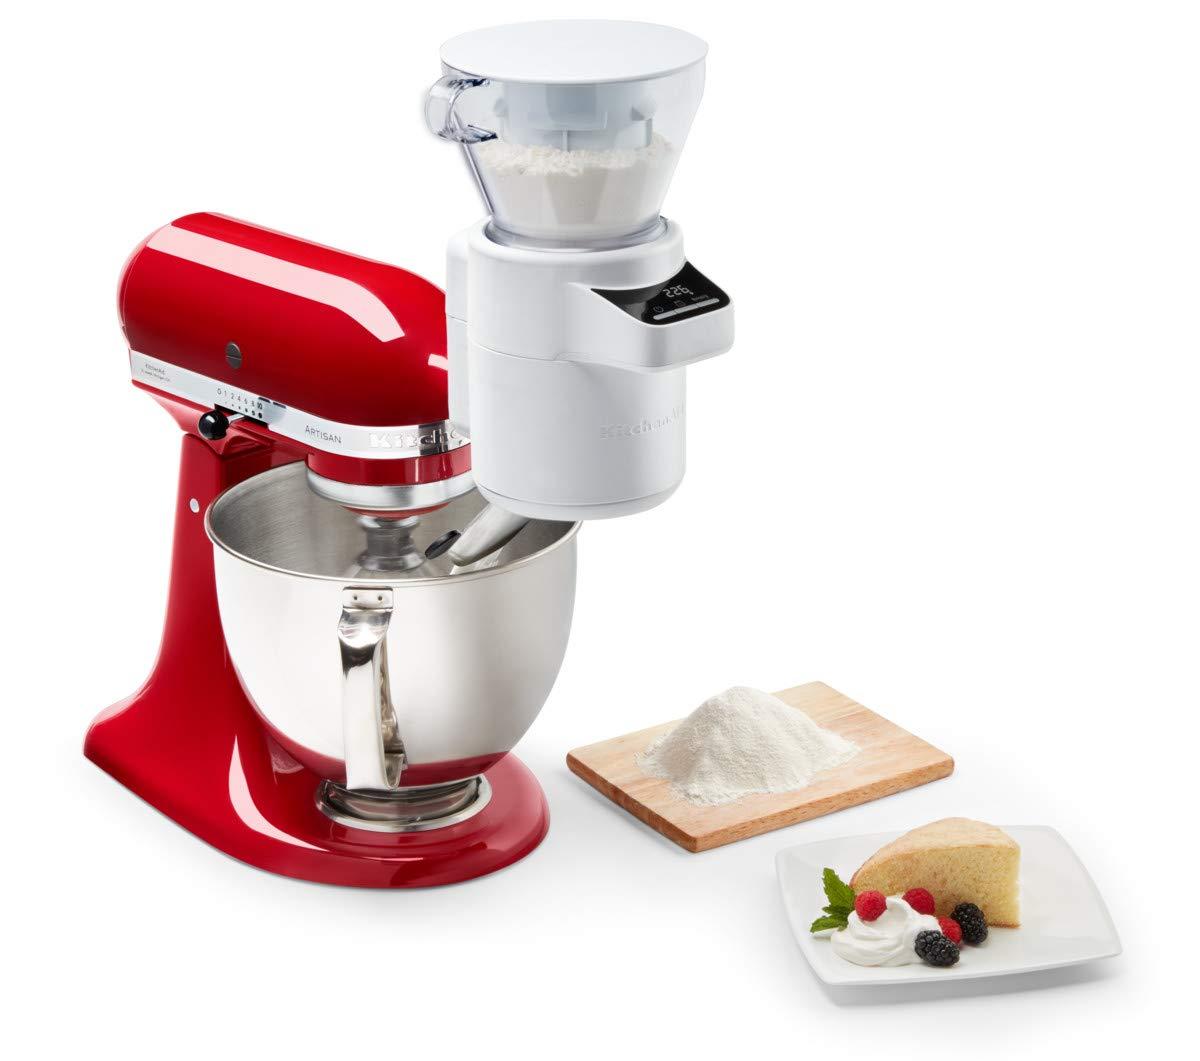 KitchenAid 5KSMSFTA Bilancia e setaccio, Accessorio per Robot da Cucina, Multicolore